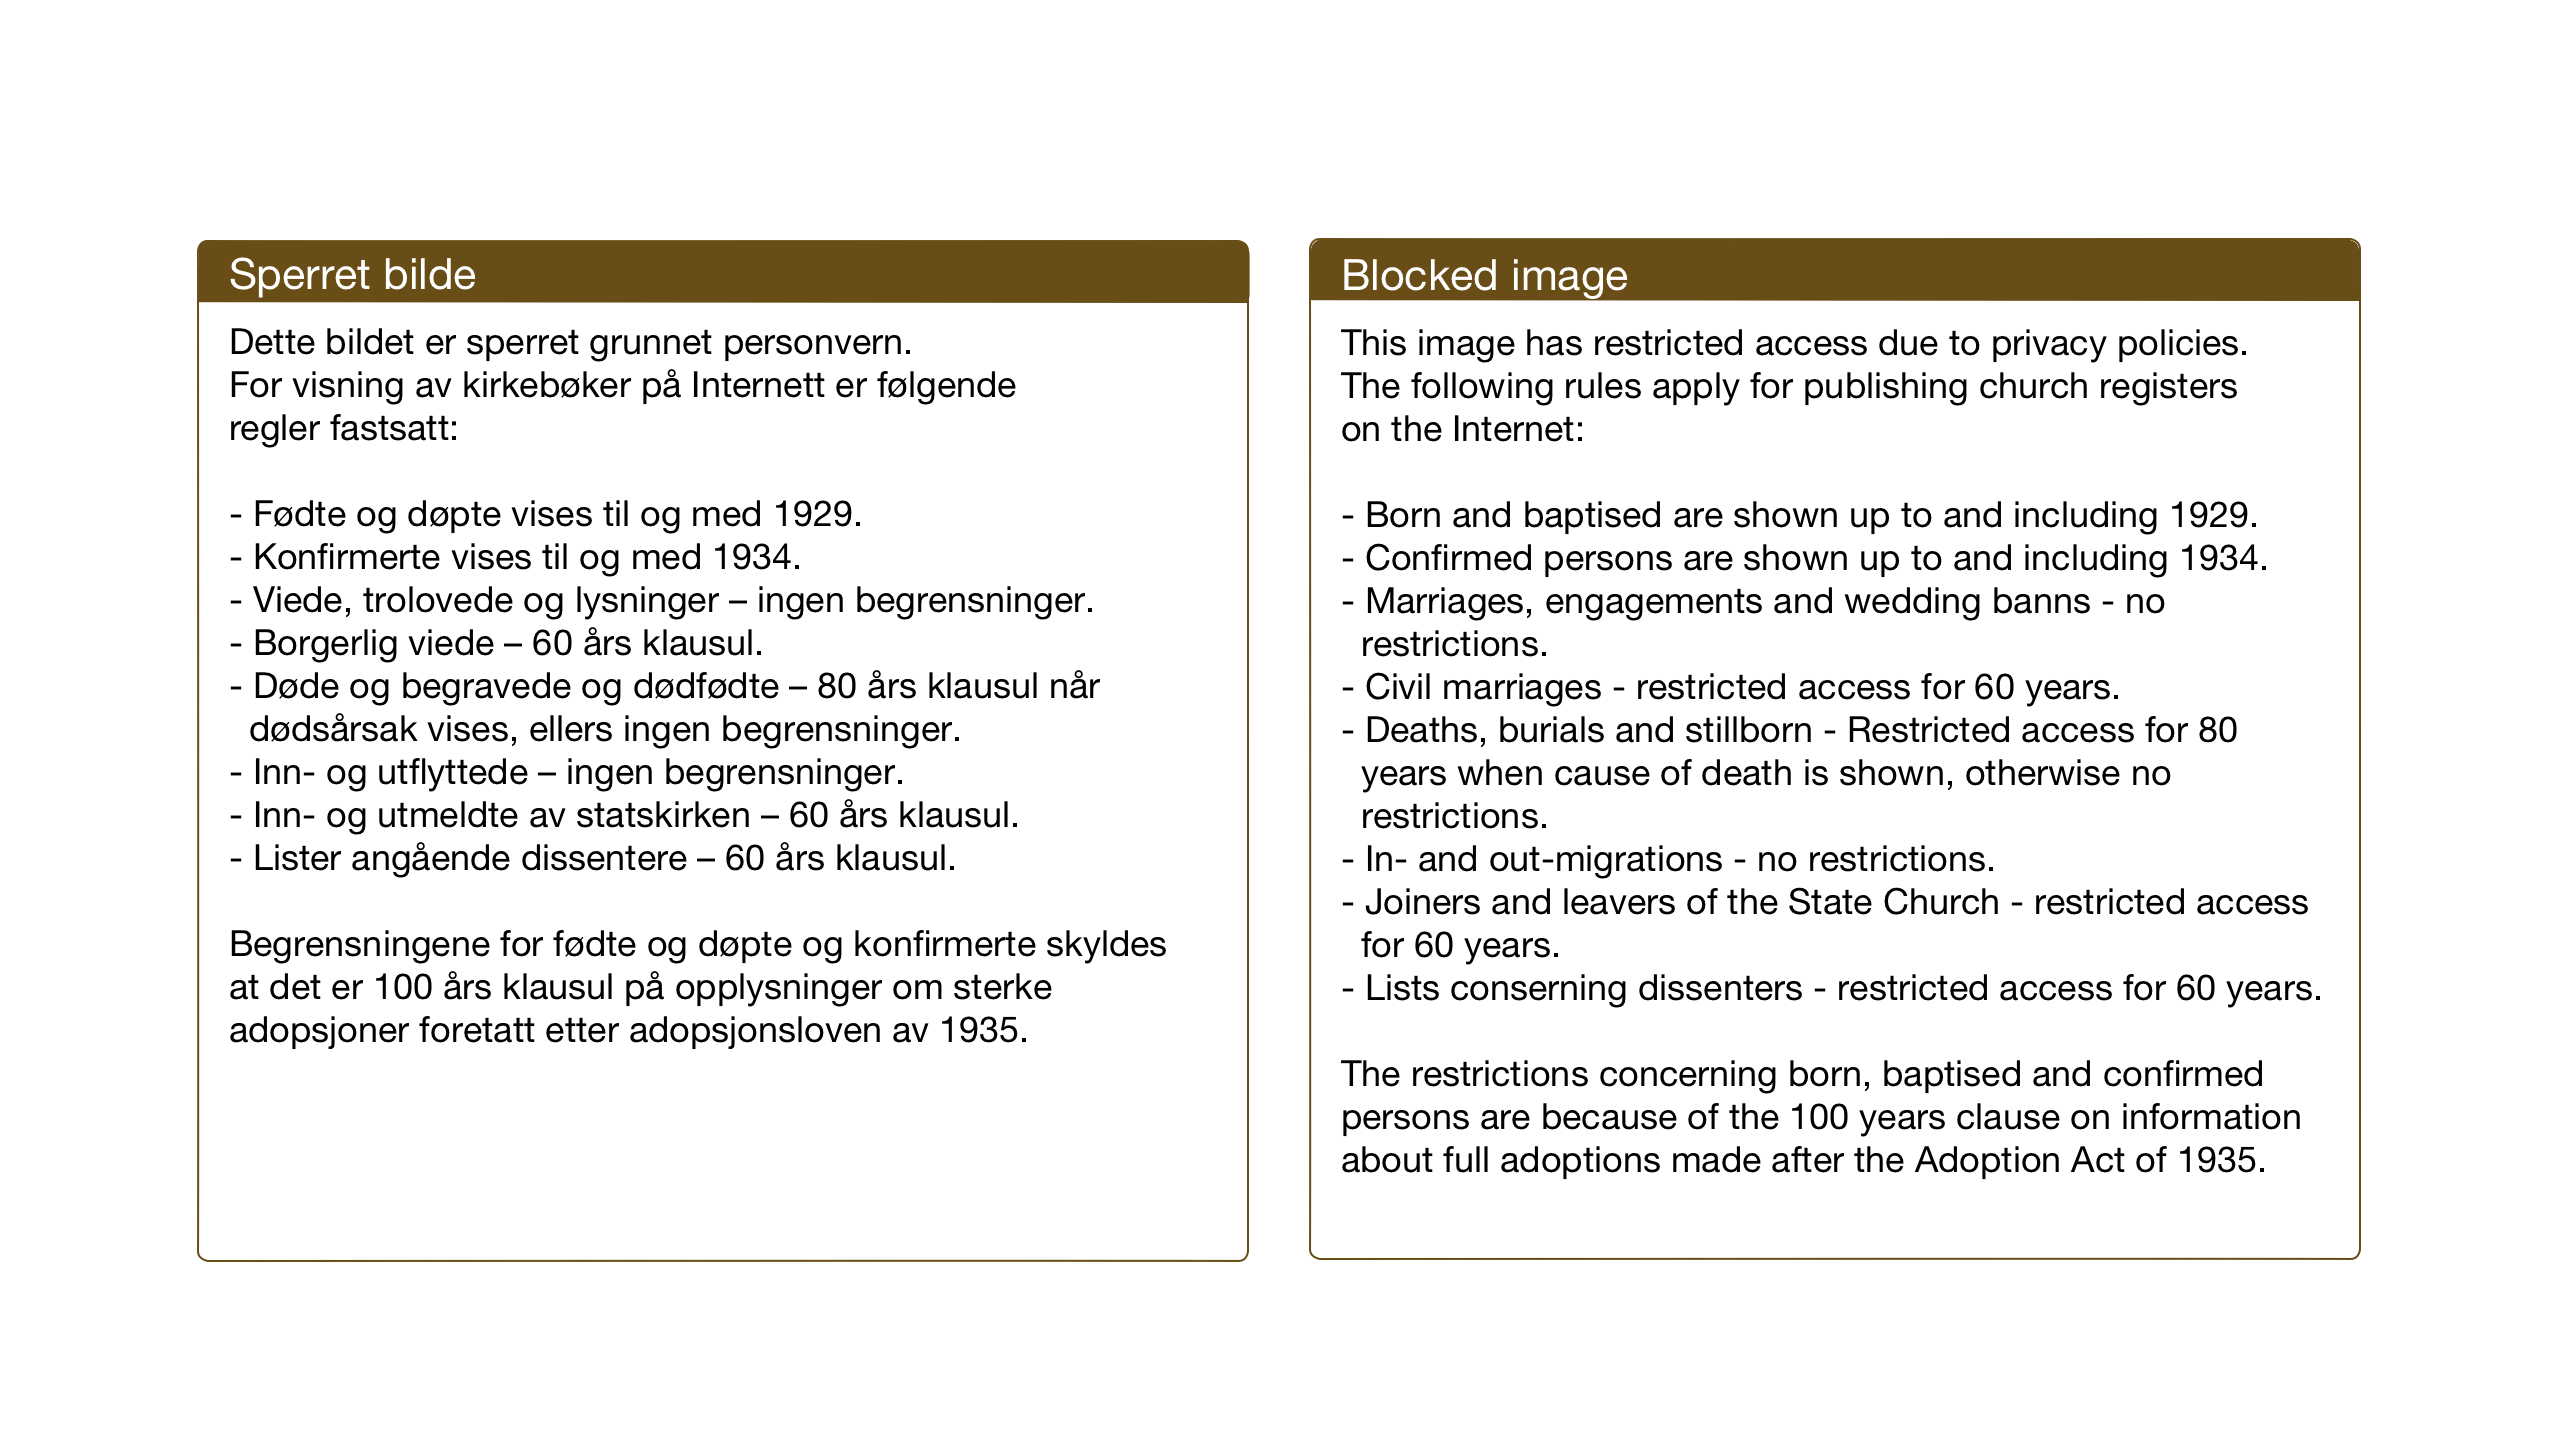 SAT, Ministerialprotokoller, klokkerbøker og fødselsregistre - Sør-Trøndelag, 681/L0943: Klokkerbok nr. 681C07, 1926-1954, s. 186